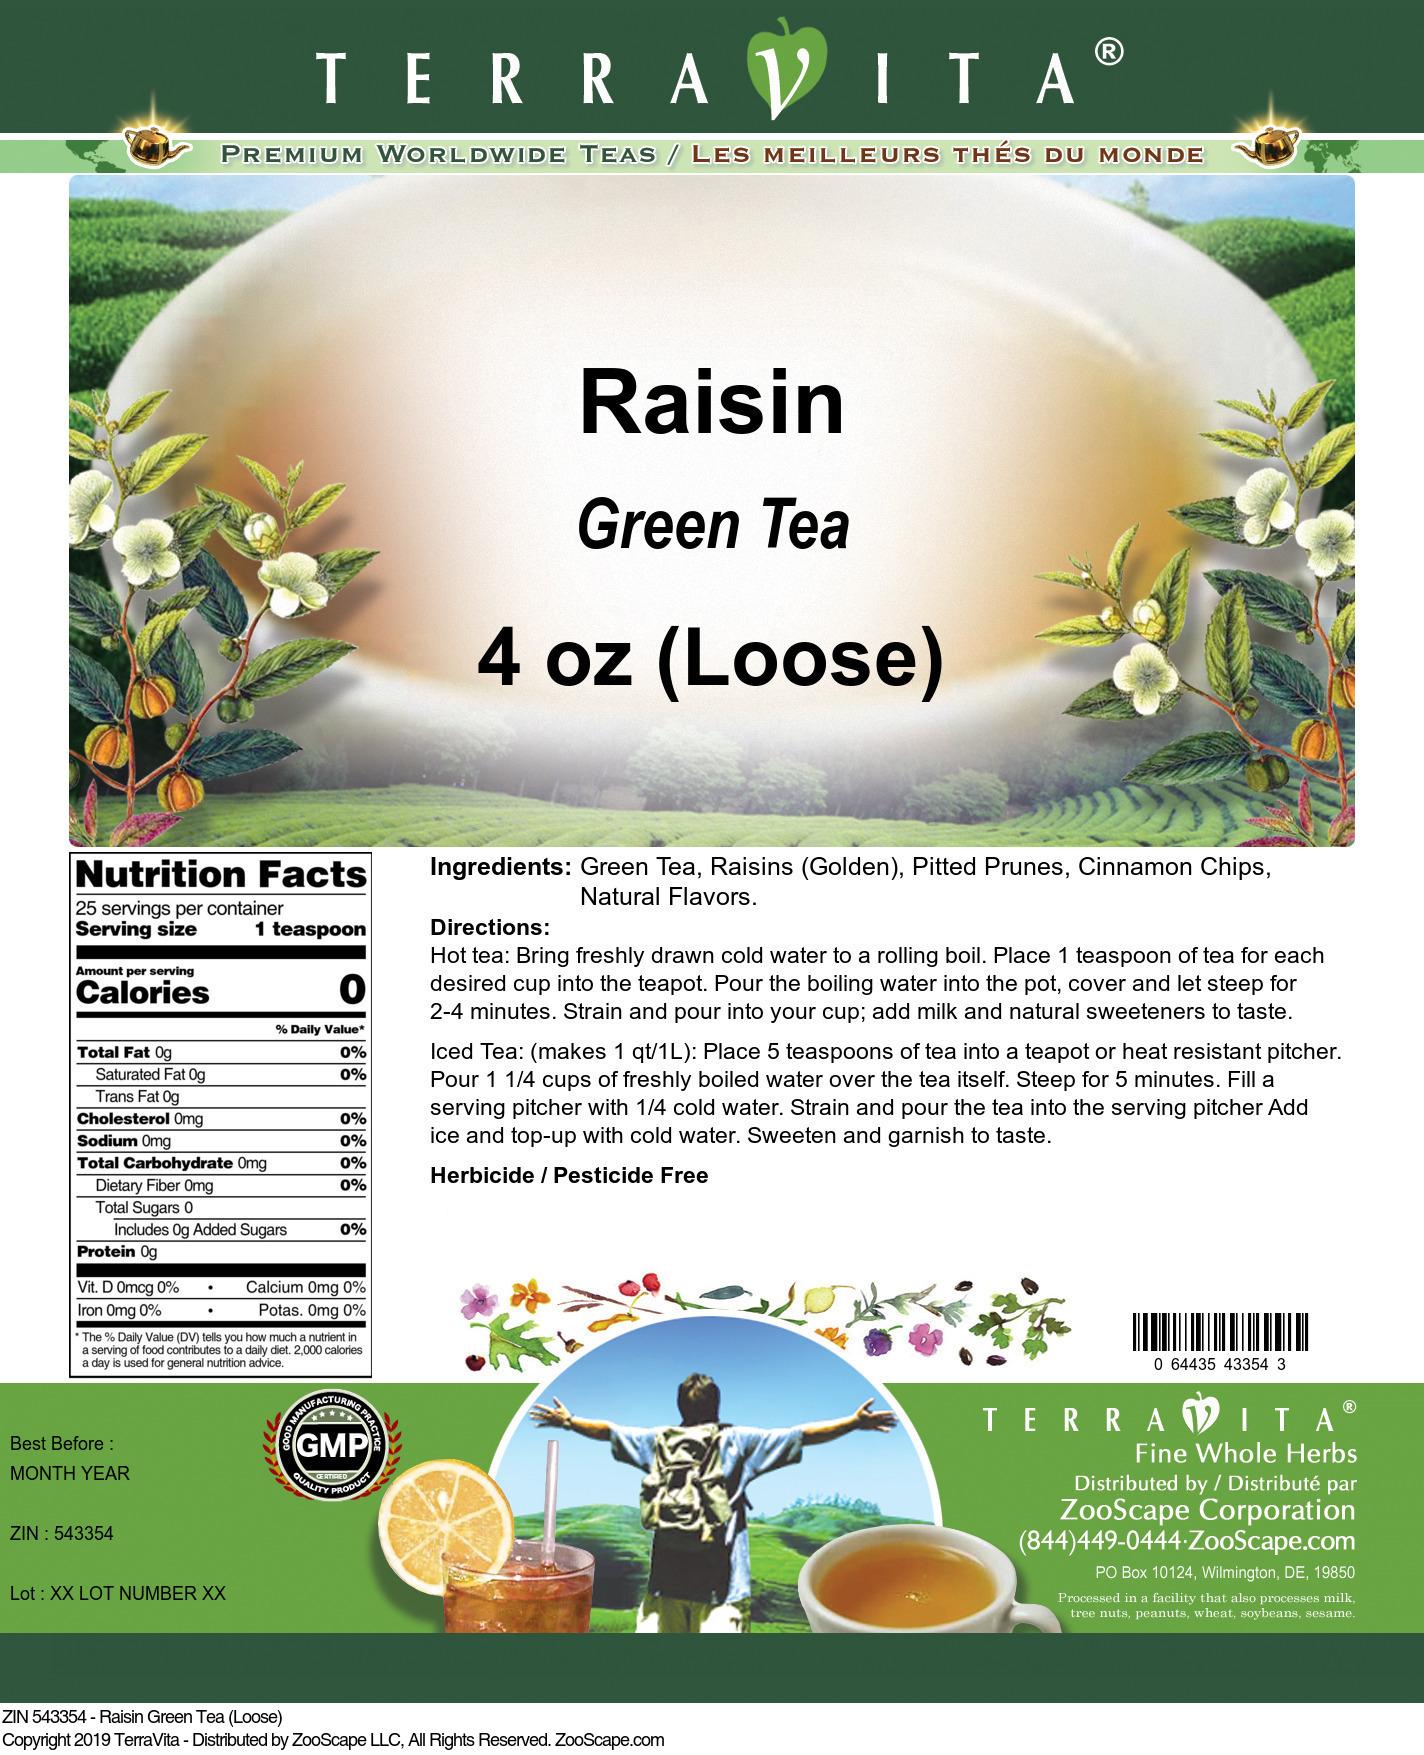 Raisin Green Tea (Loose)